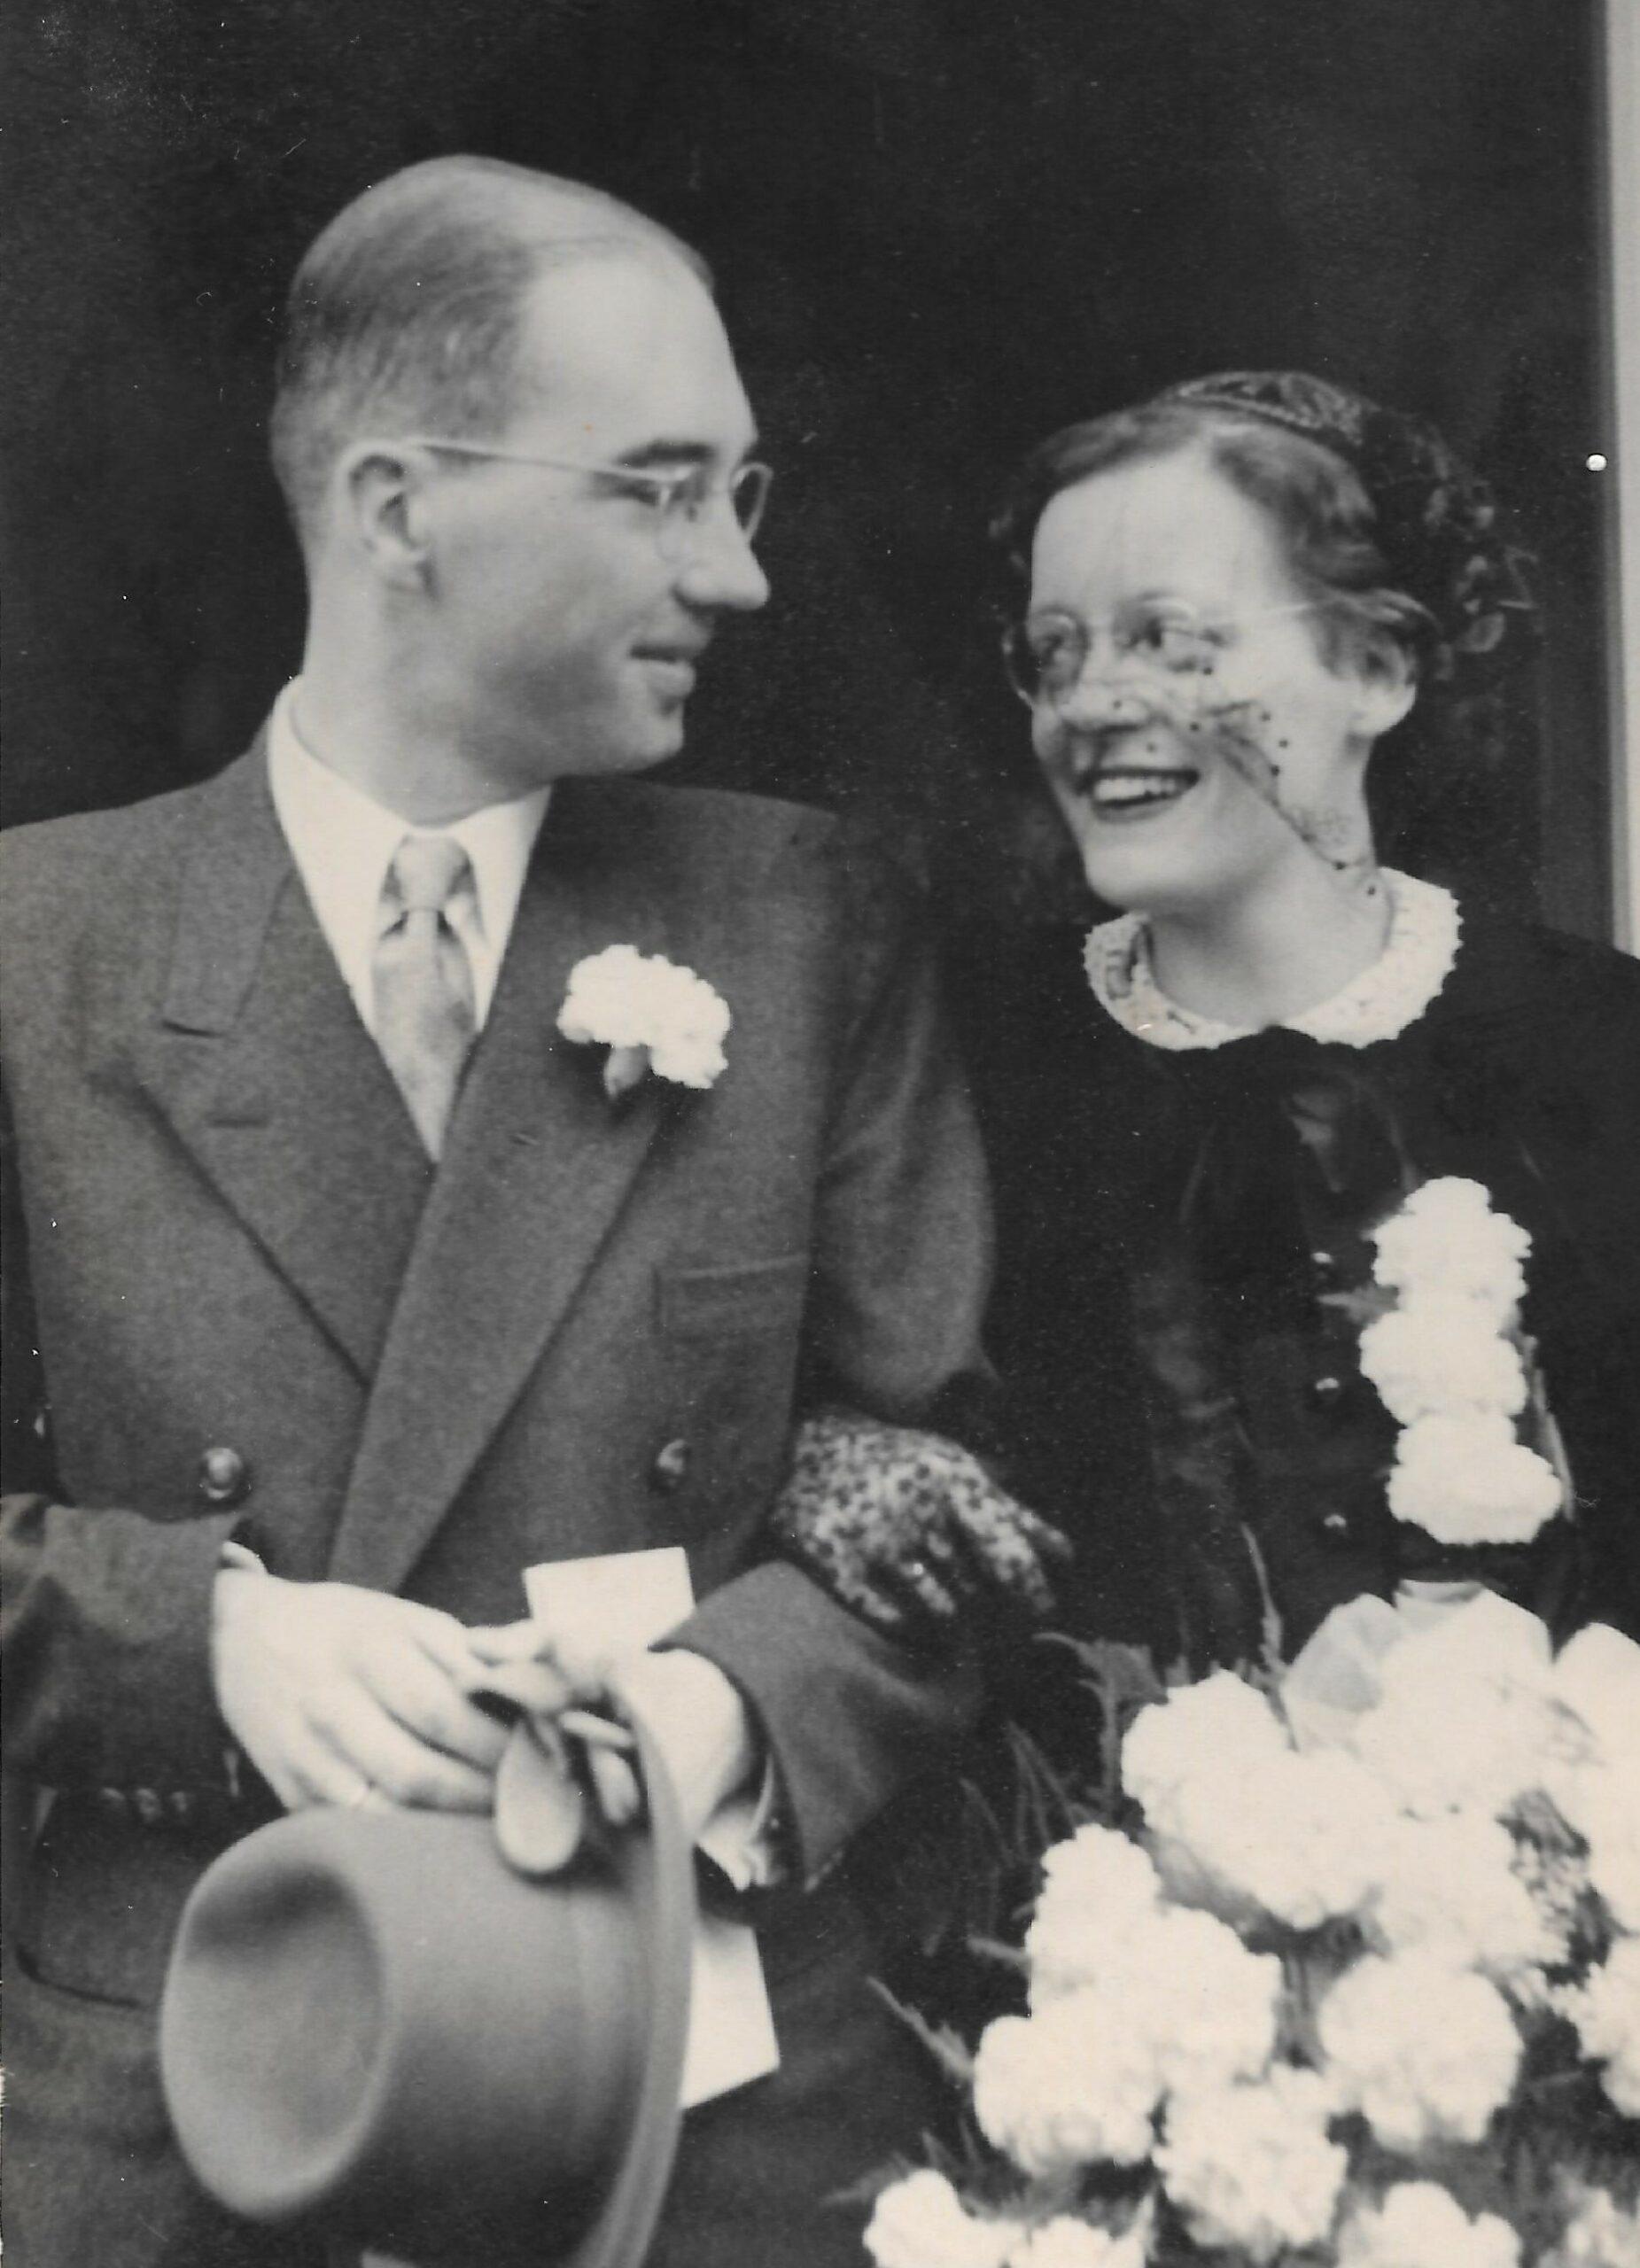 Trouwfoto van Willem van Duyn en Ada Neomagus, 9 juni 1952.